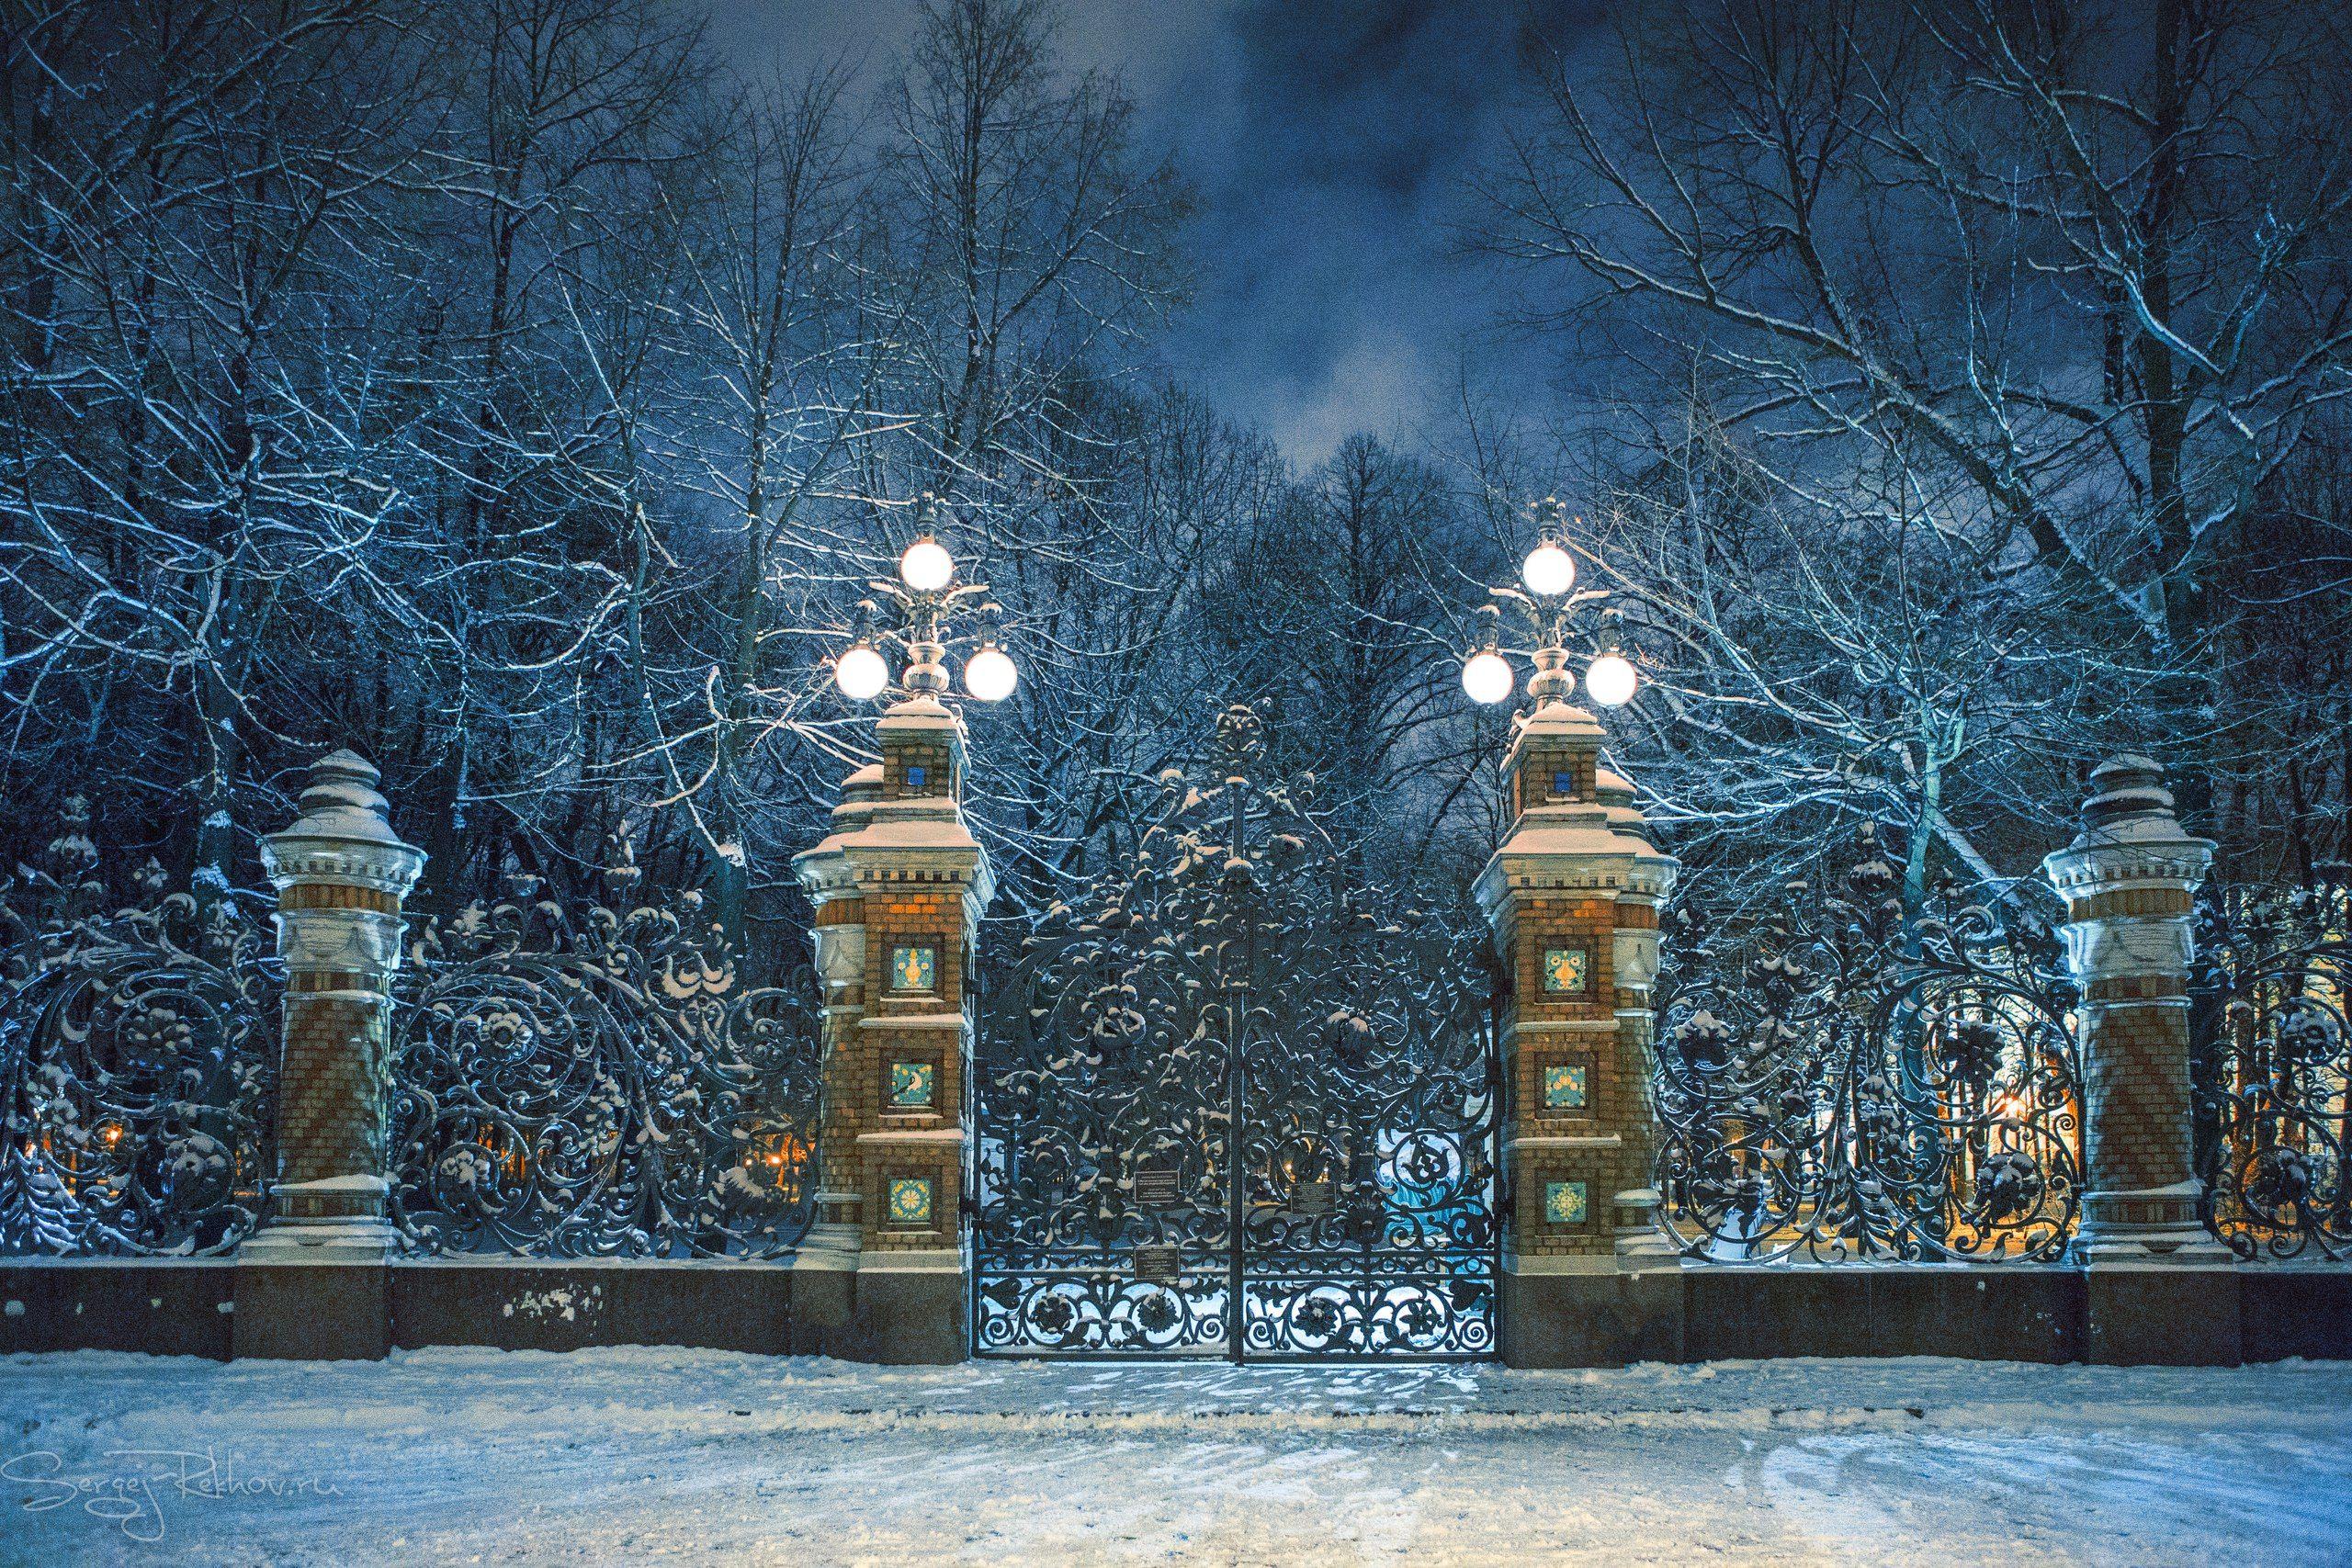 питер, михайловский сад, ночь, зима, снег, рехов, сергейрехов, rekhov, sergejrekhov, Сергей Рехов